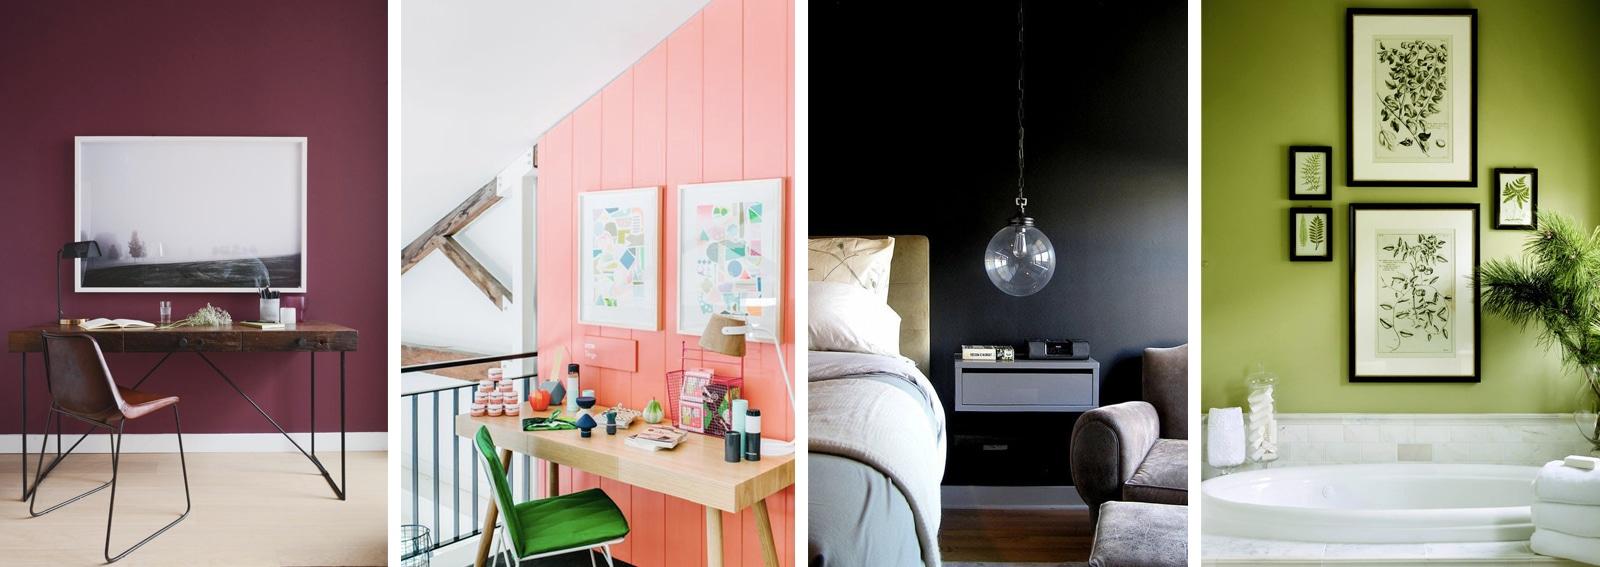 Guida colore 2018 7 colori per dipingere le pareti di casa - Colore per casa ...